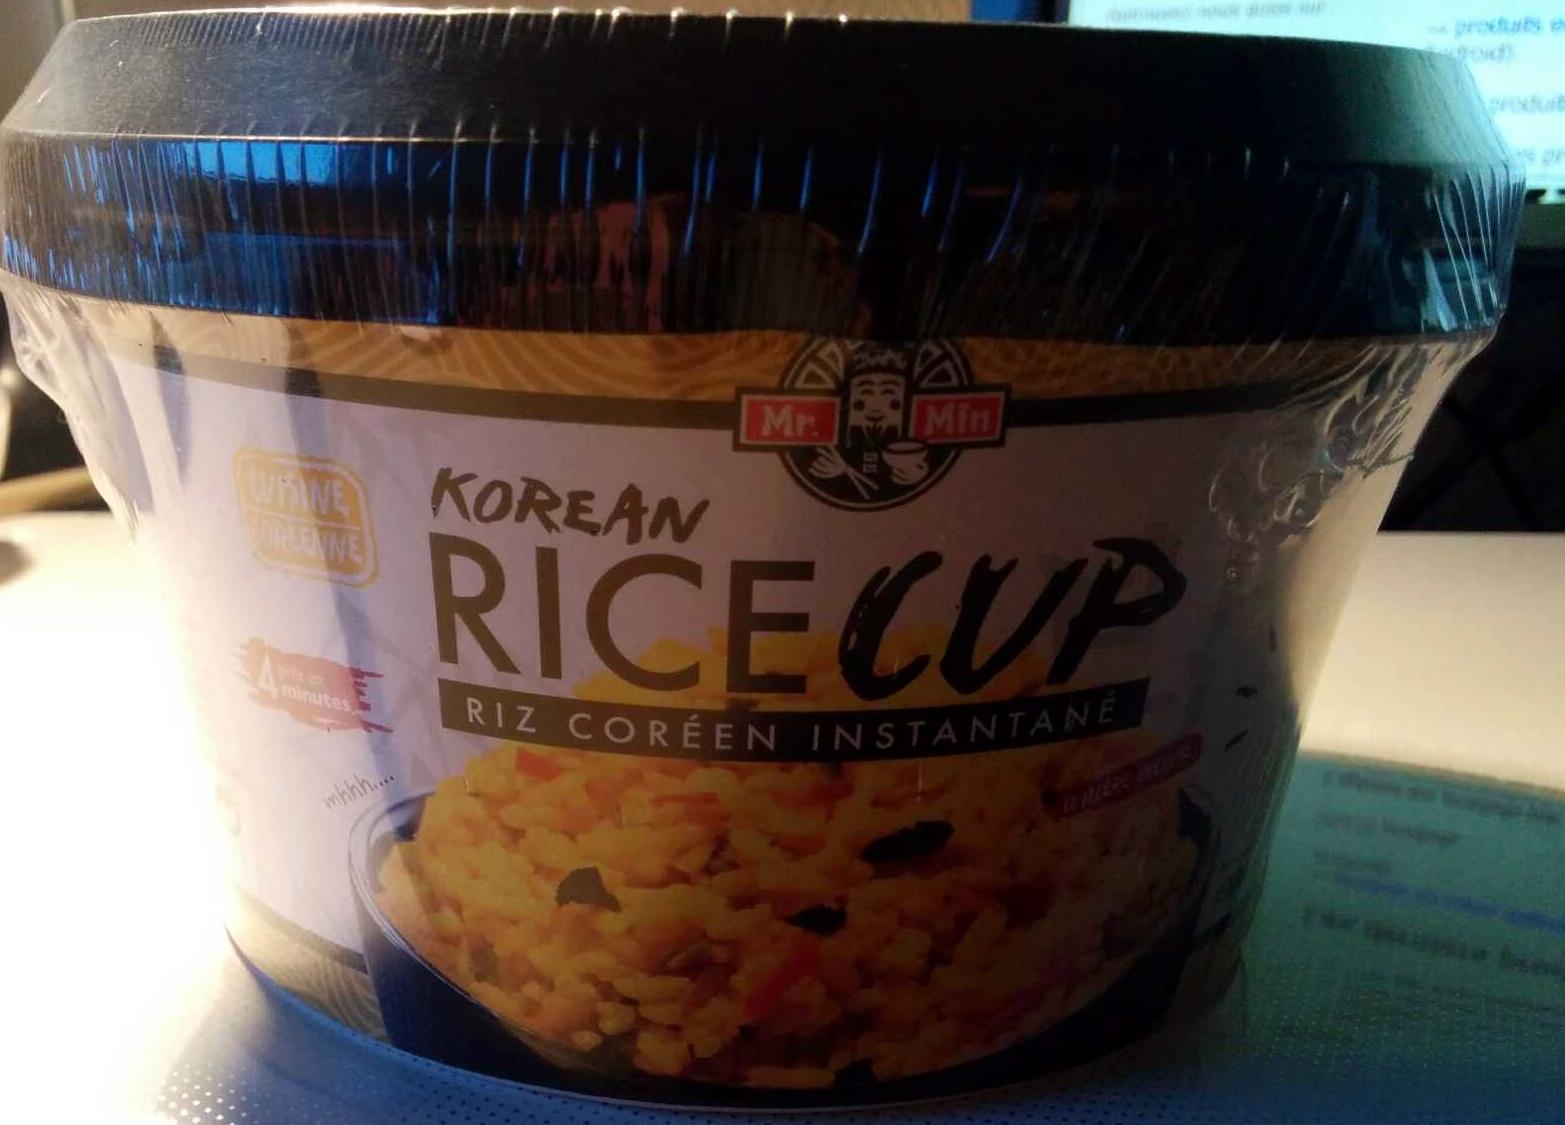 Korean Rice Cup Goût Poulet Curry - Produit - fr